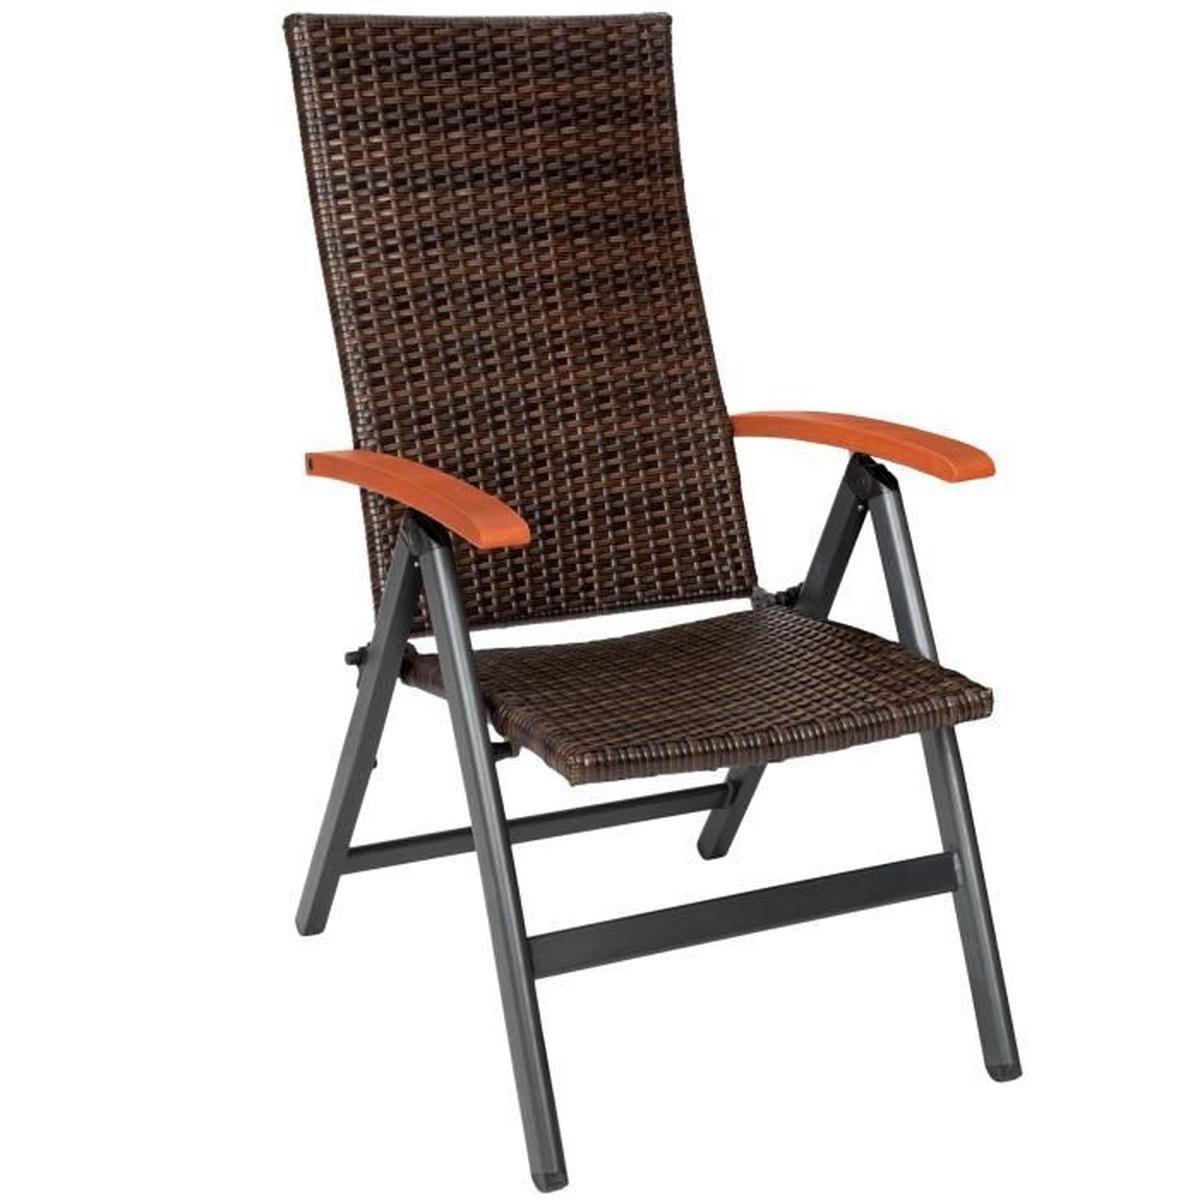 Tectake Chaise De Jardin Pliante Réglable En Aluminium Et ... tout Fauteuil De Jardin Pliant Multiposition